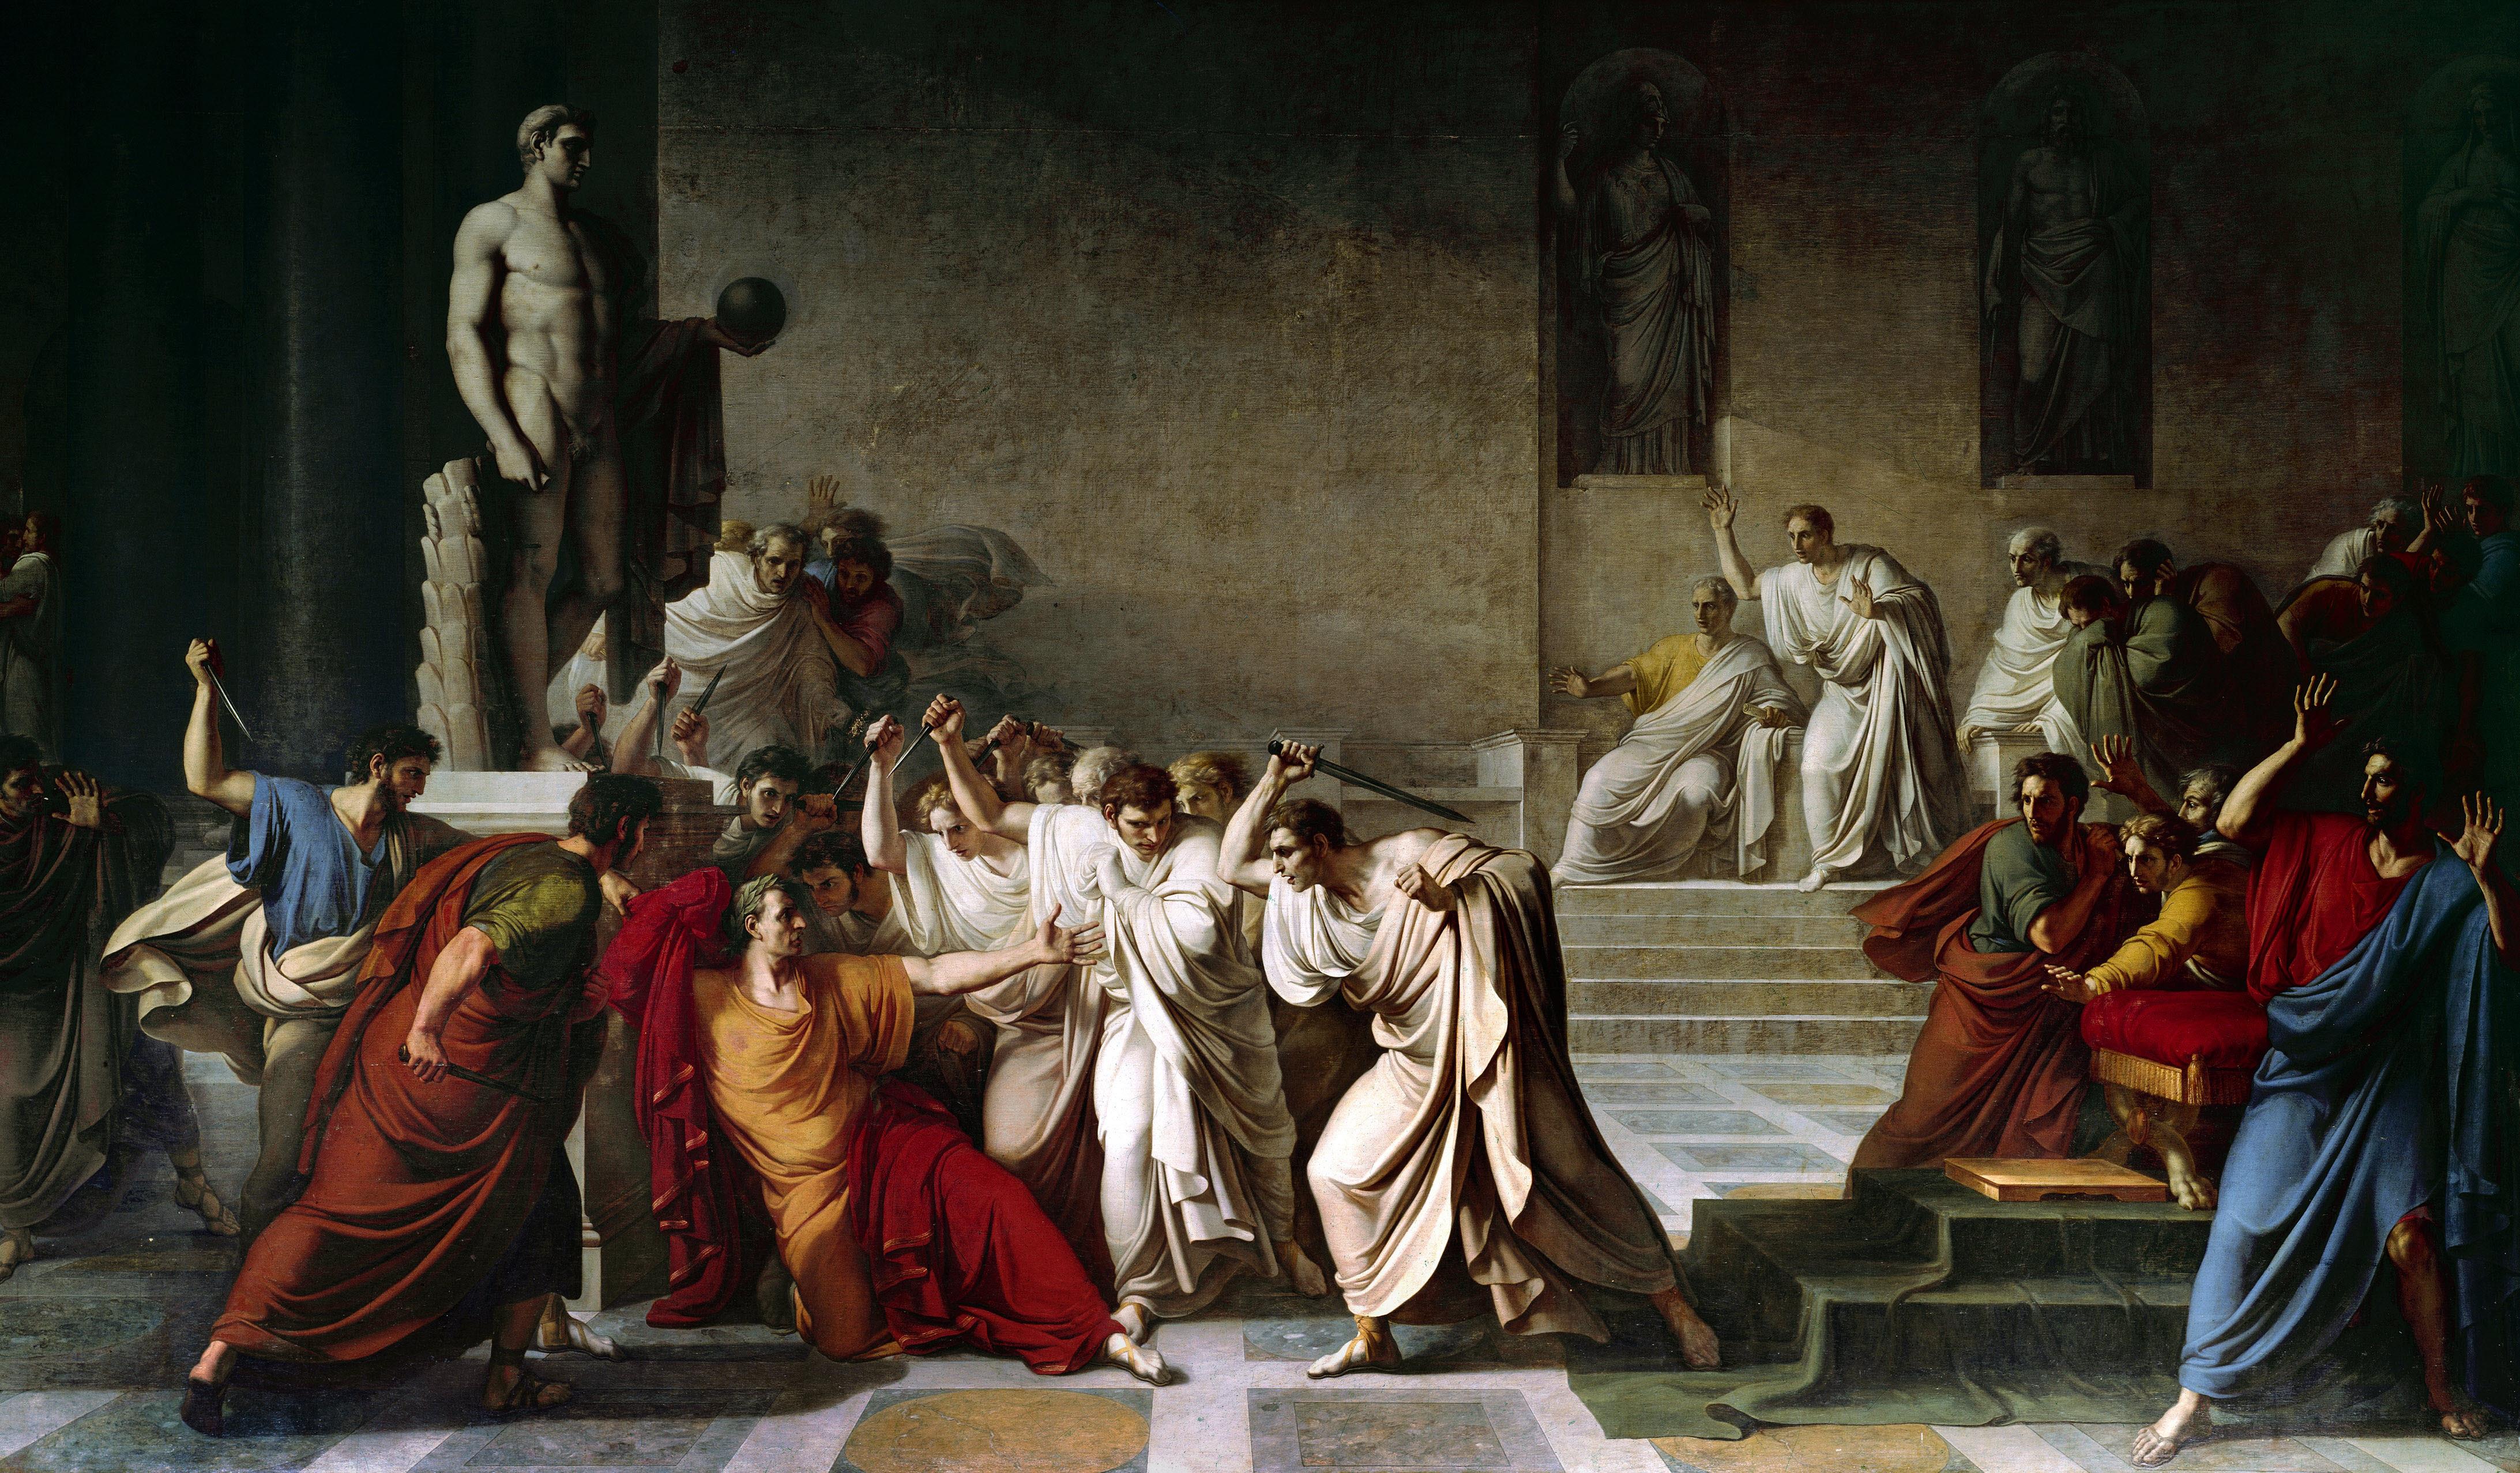 Egy ékszergyártó pénzéből tárják fel a helyet, ahol megölték Julius Caesart